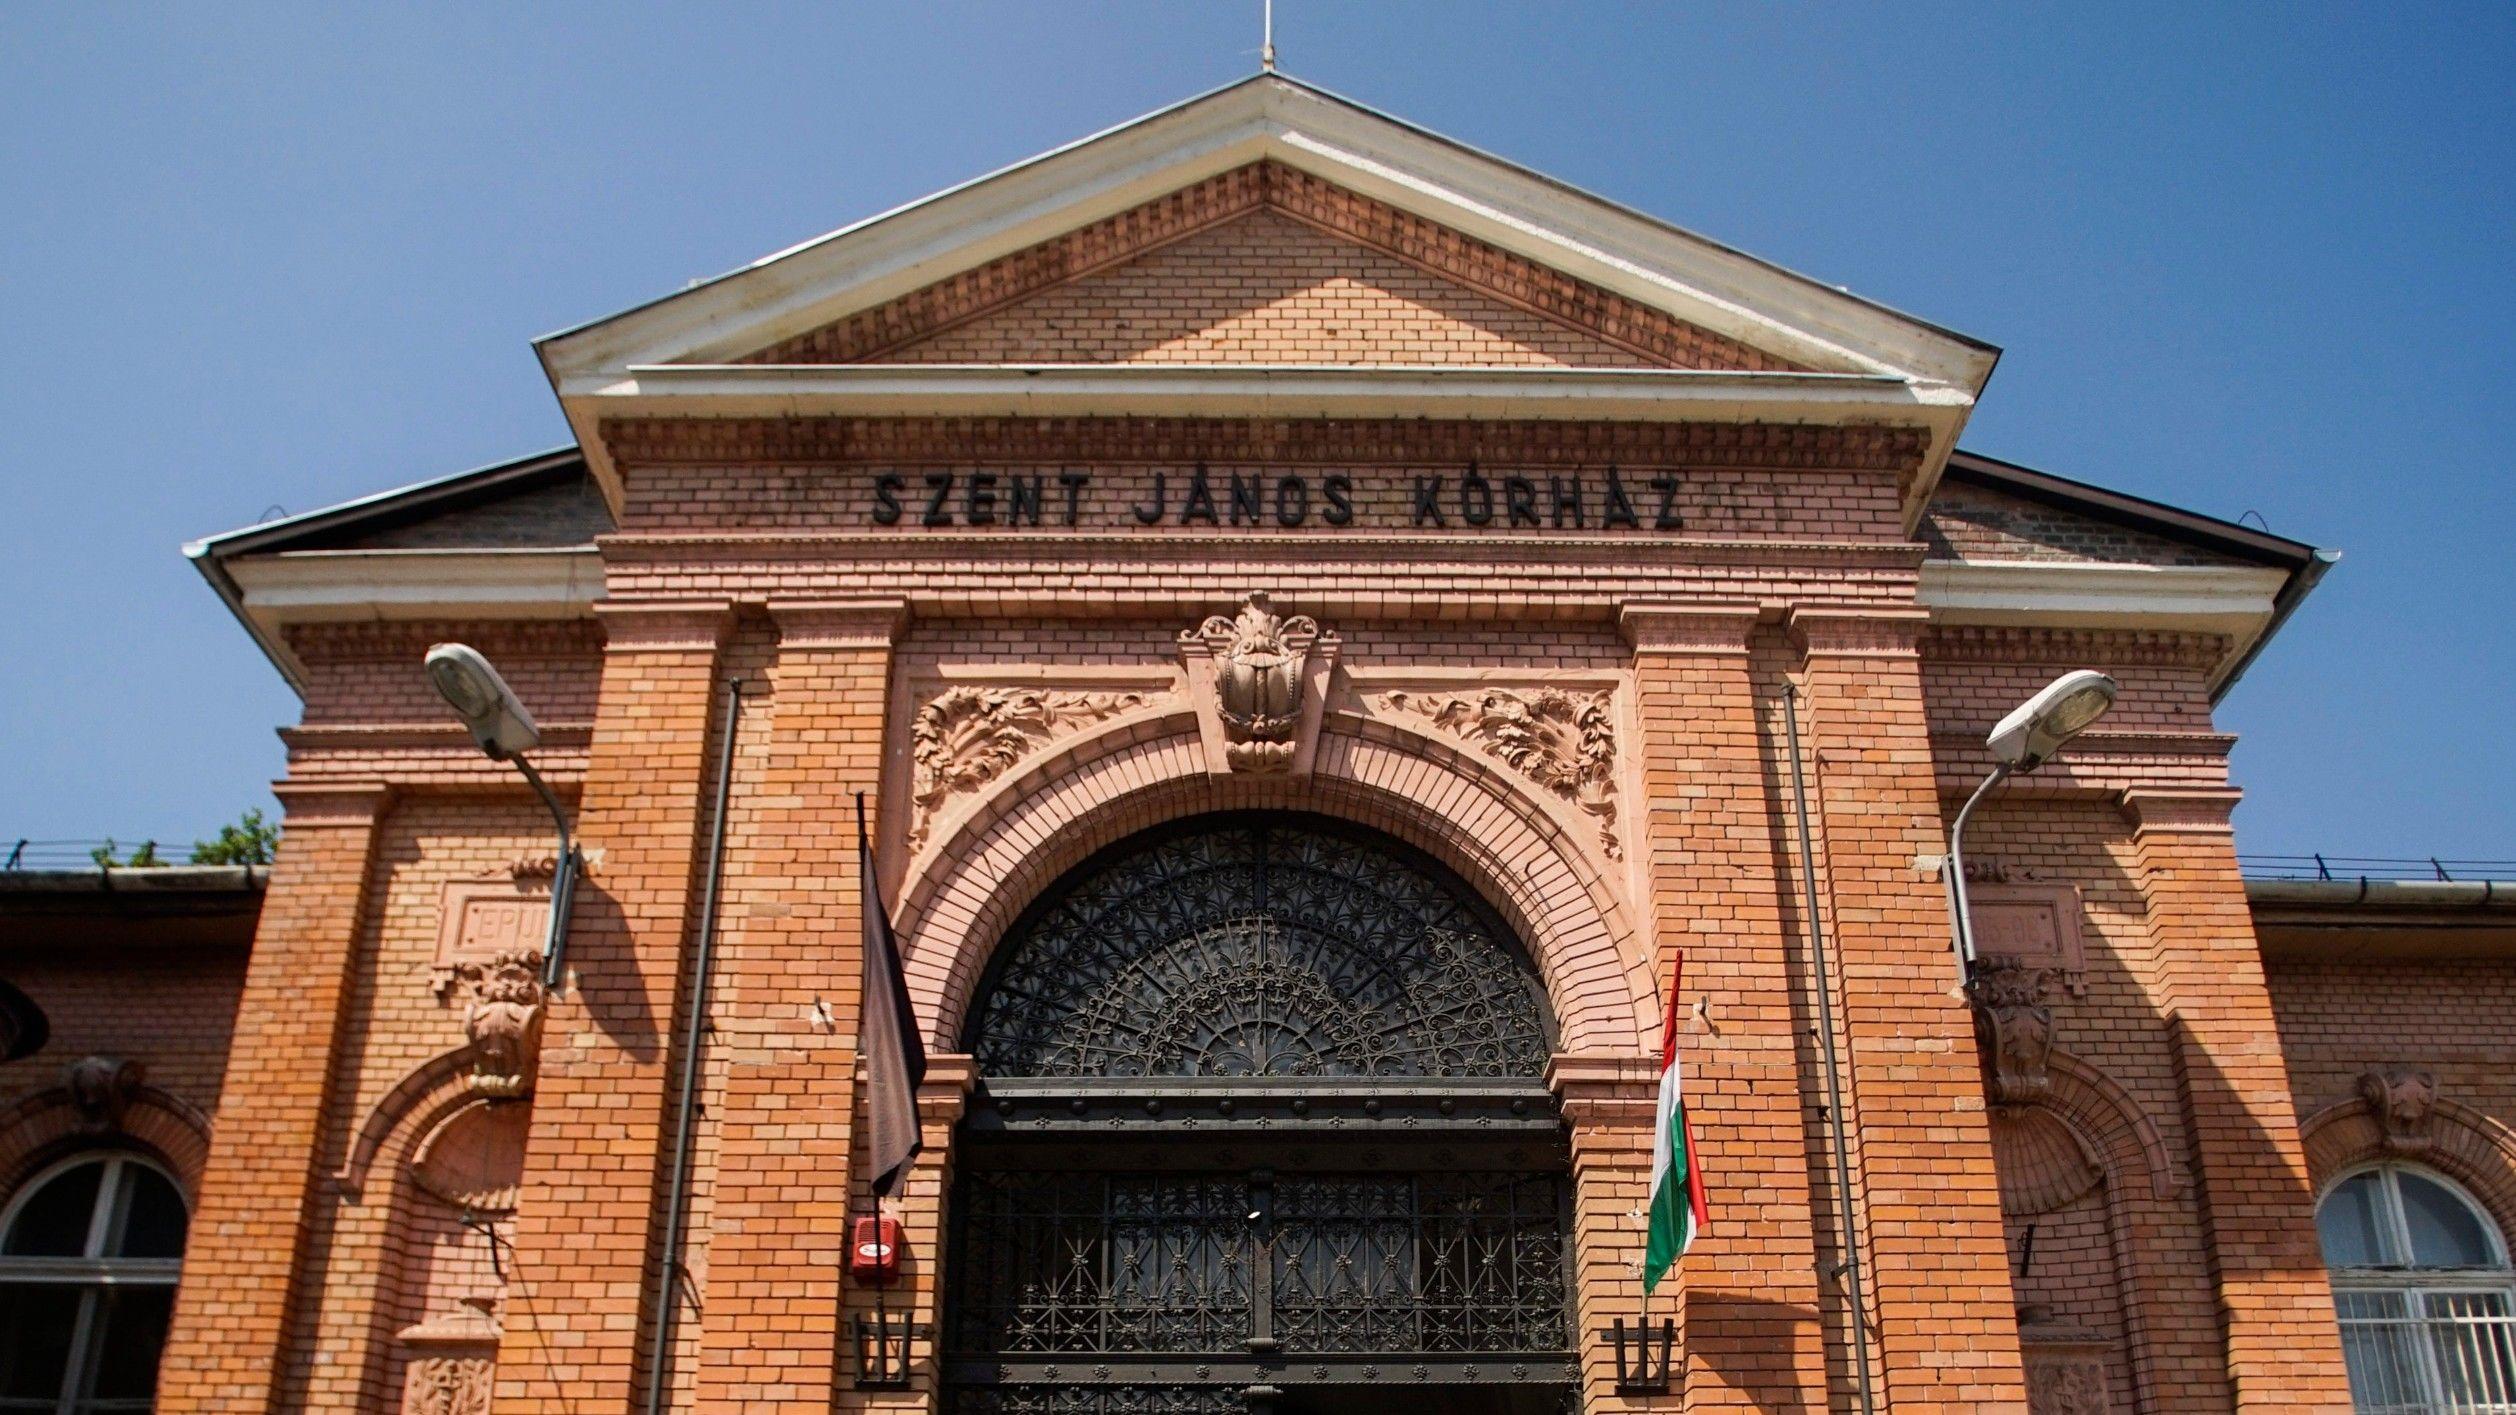 A budapesti Szent János Kórház főbejárata